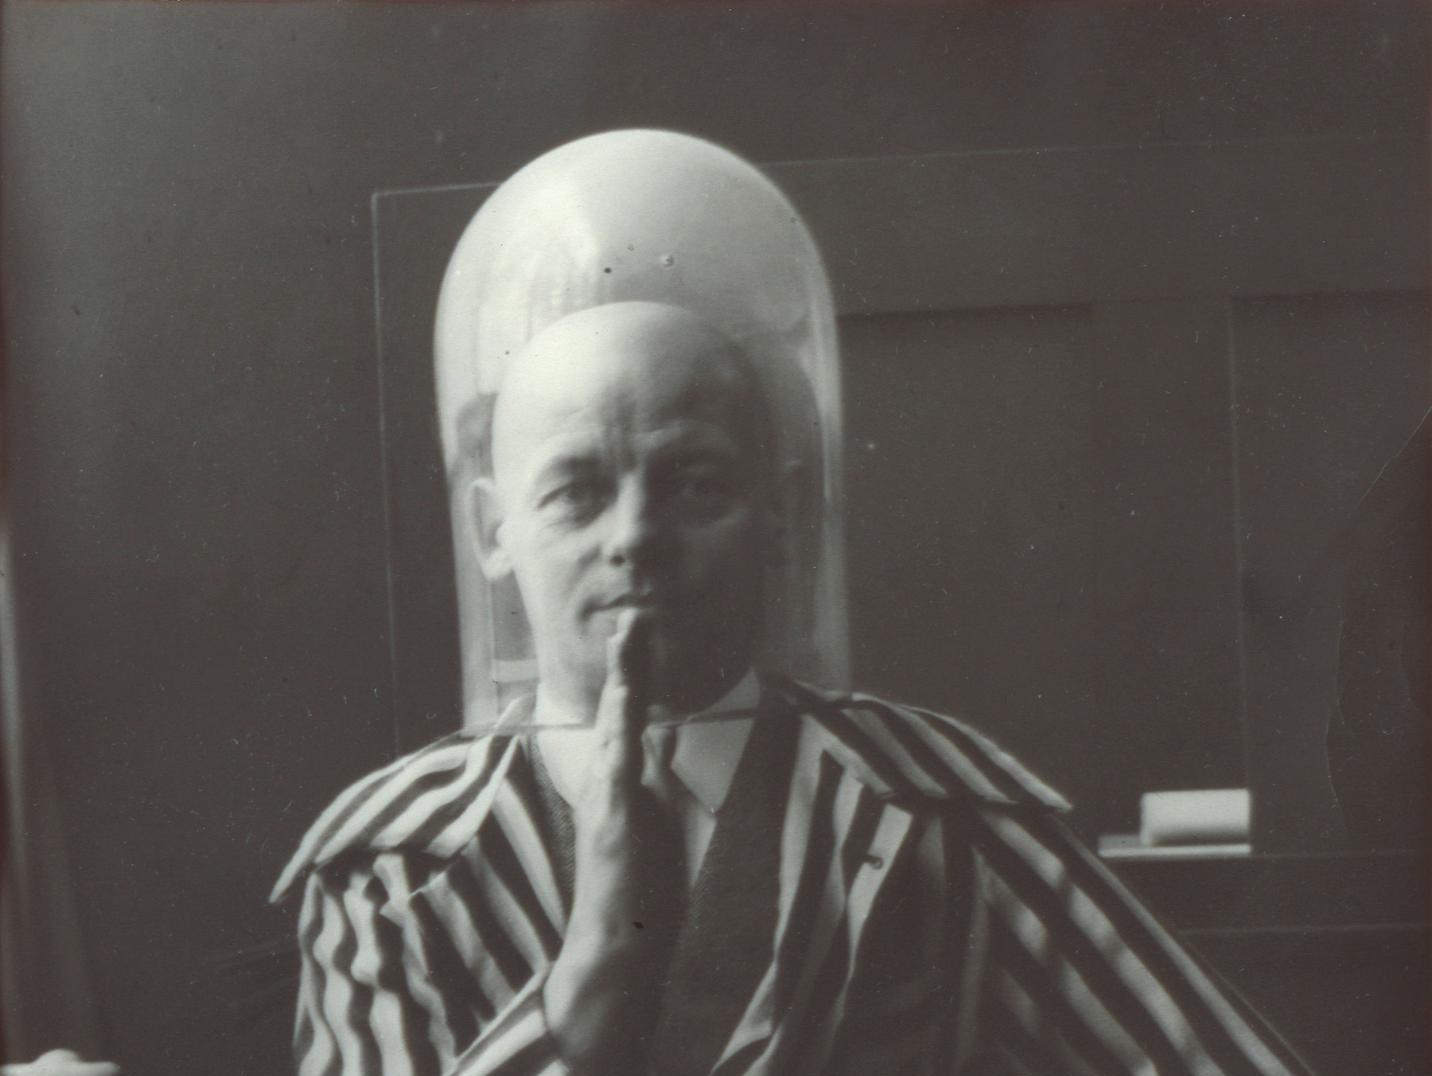 אוסקר שלמר  - האיש שידע לשלב פיסול, תיאטרון בובות, מחול ובאוהאוס